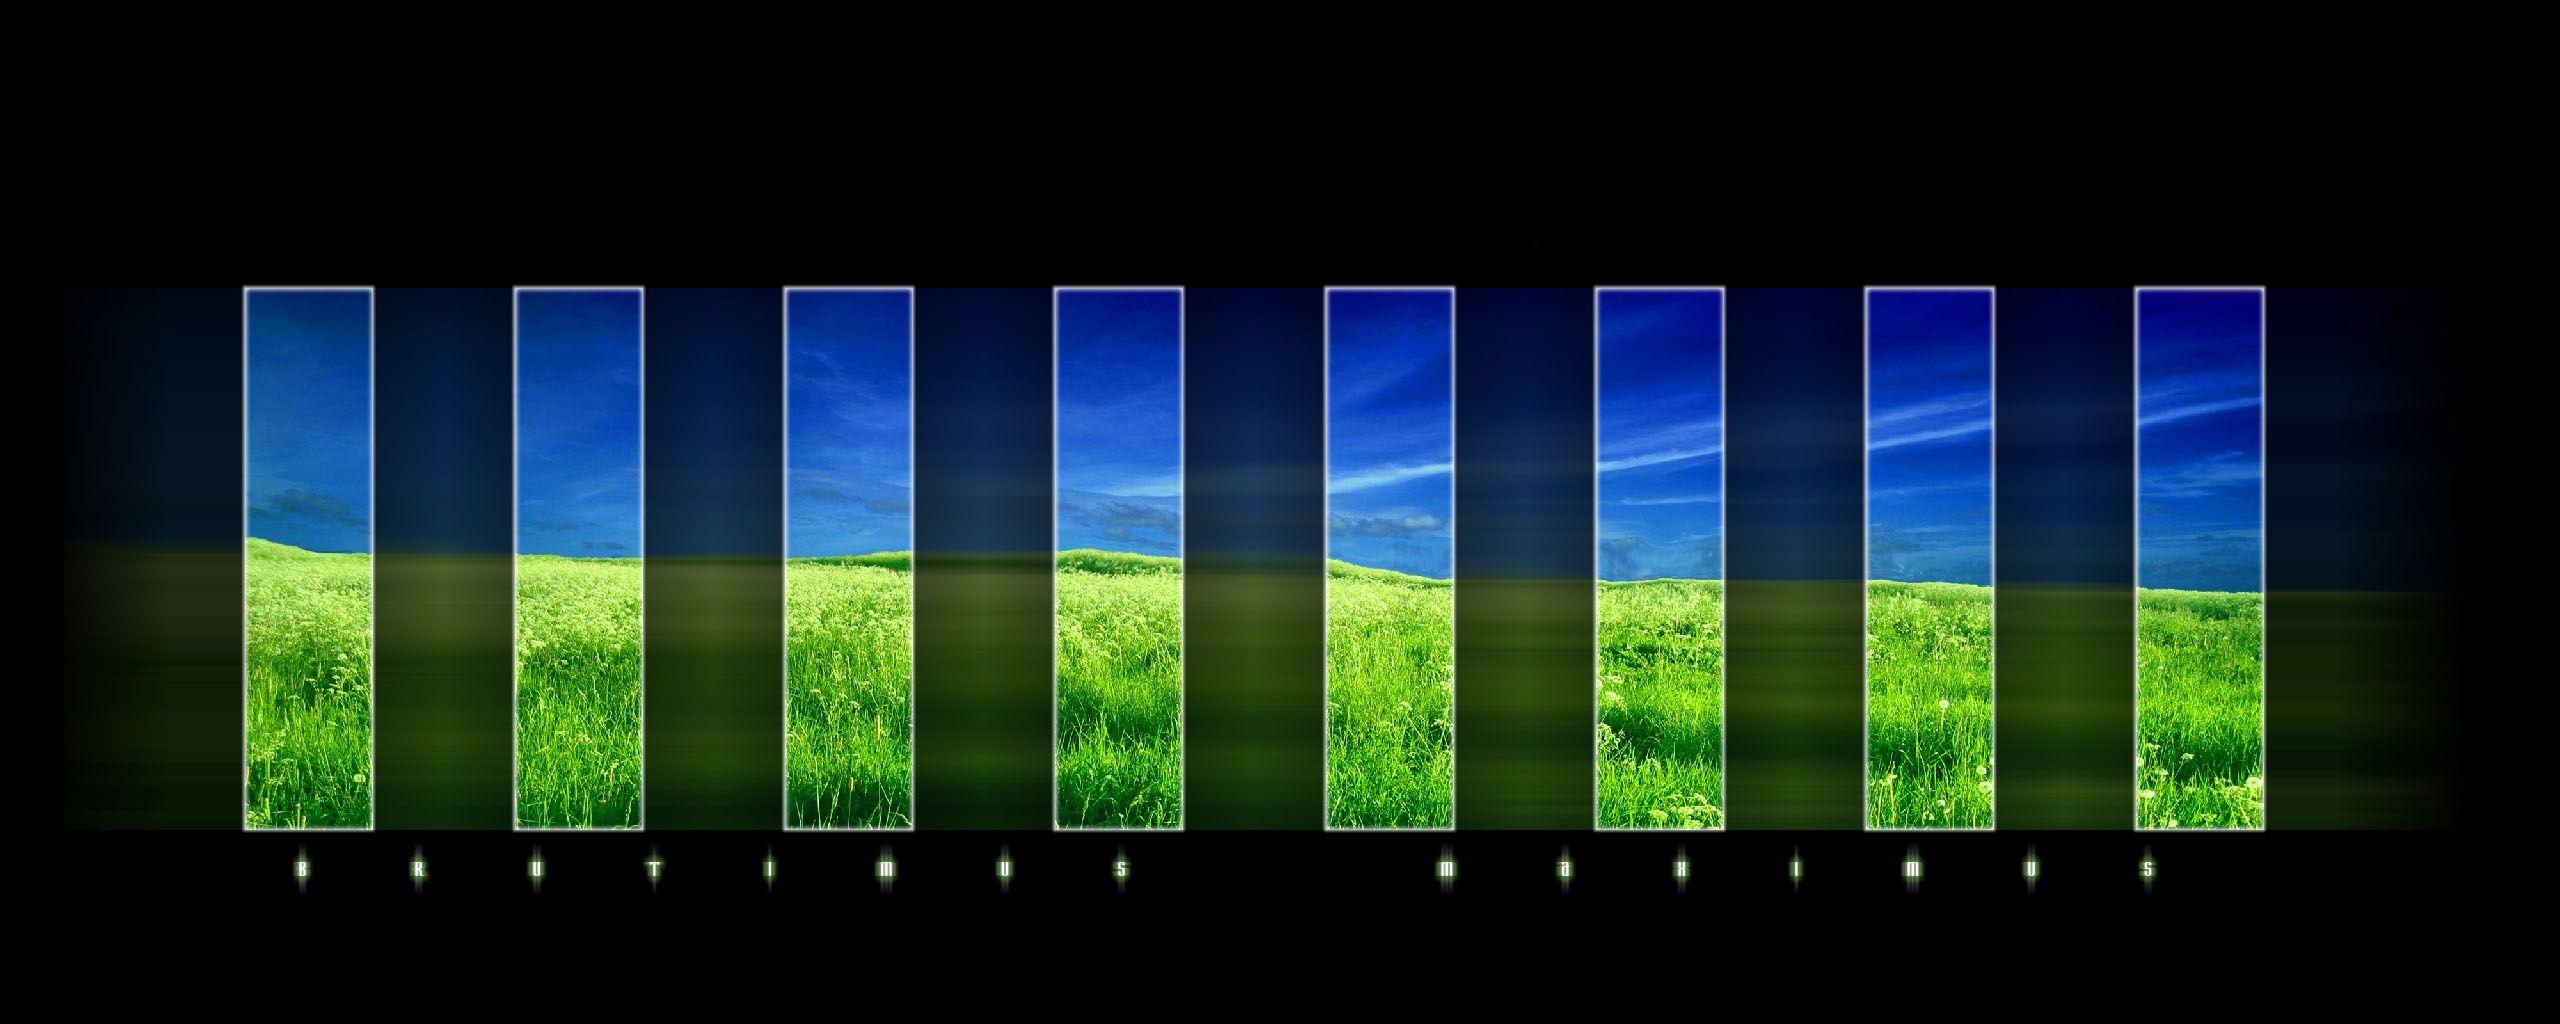 portal dual screen wallpaper : gaming 2560×1024 dual display